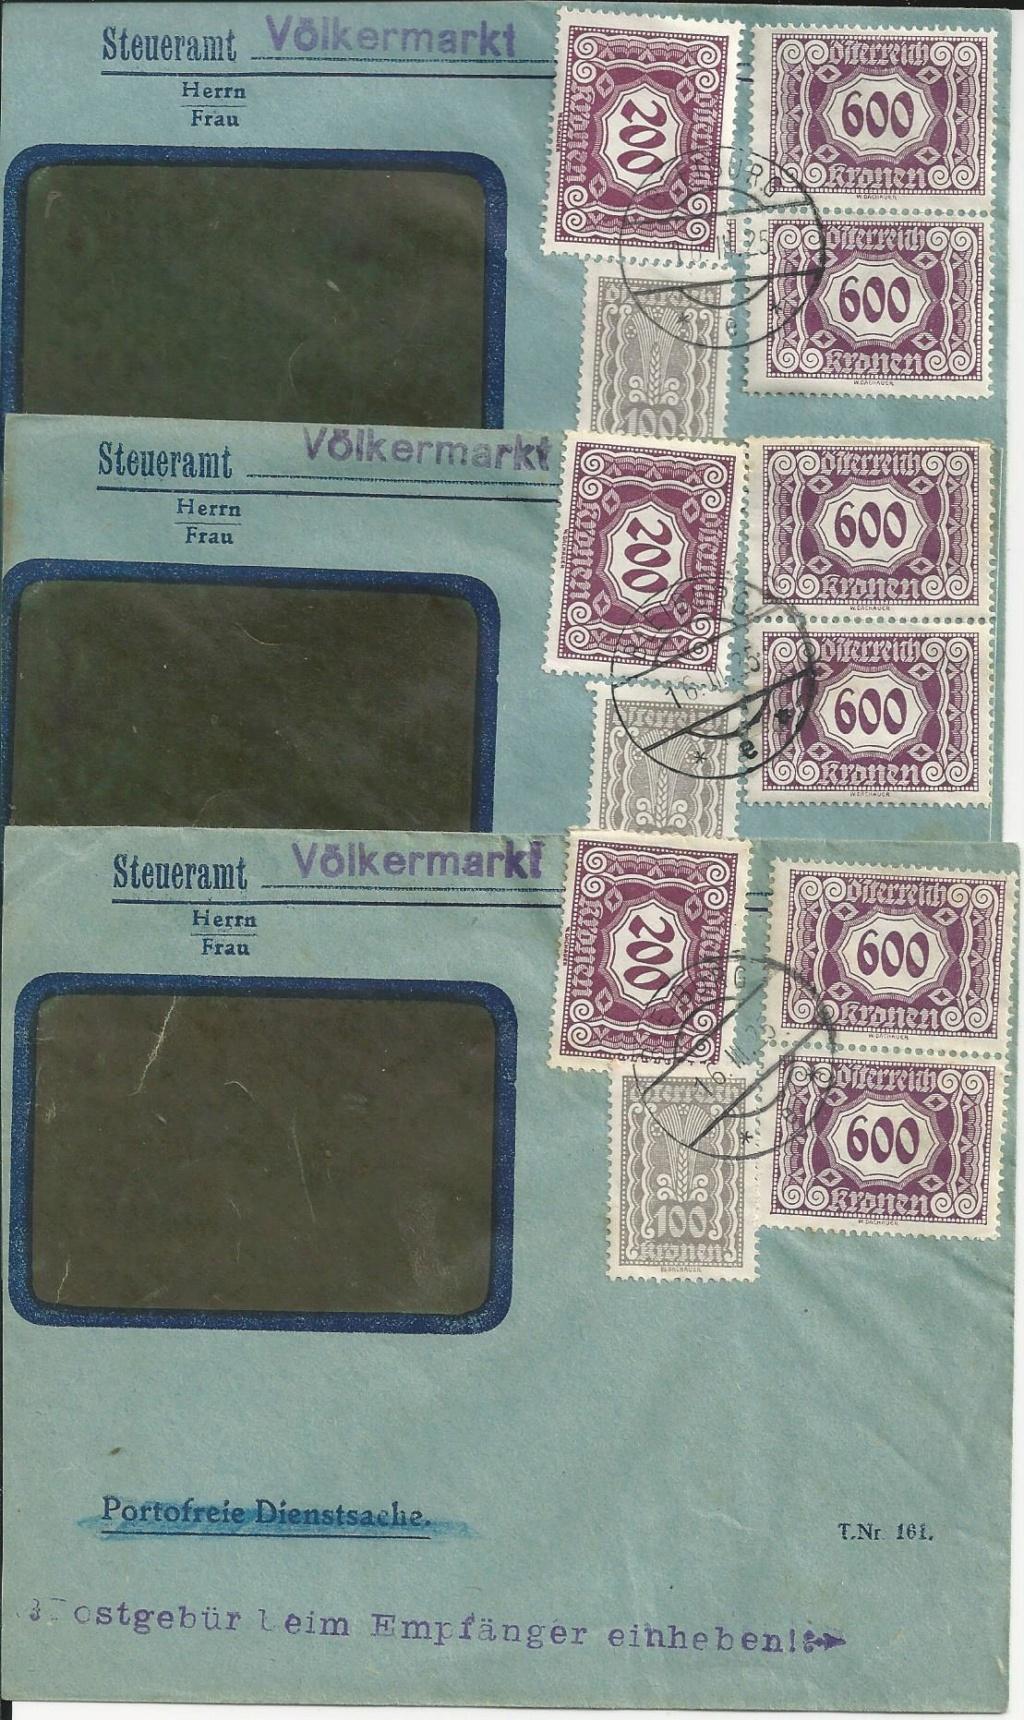 Verwendung von Portomarken in Österreich - Seite 3 Bild176